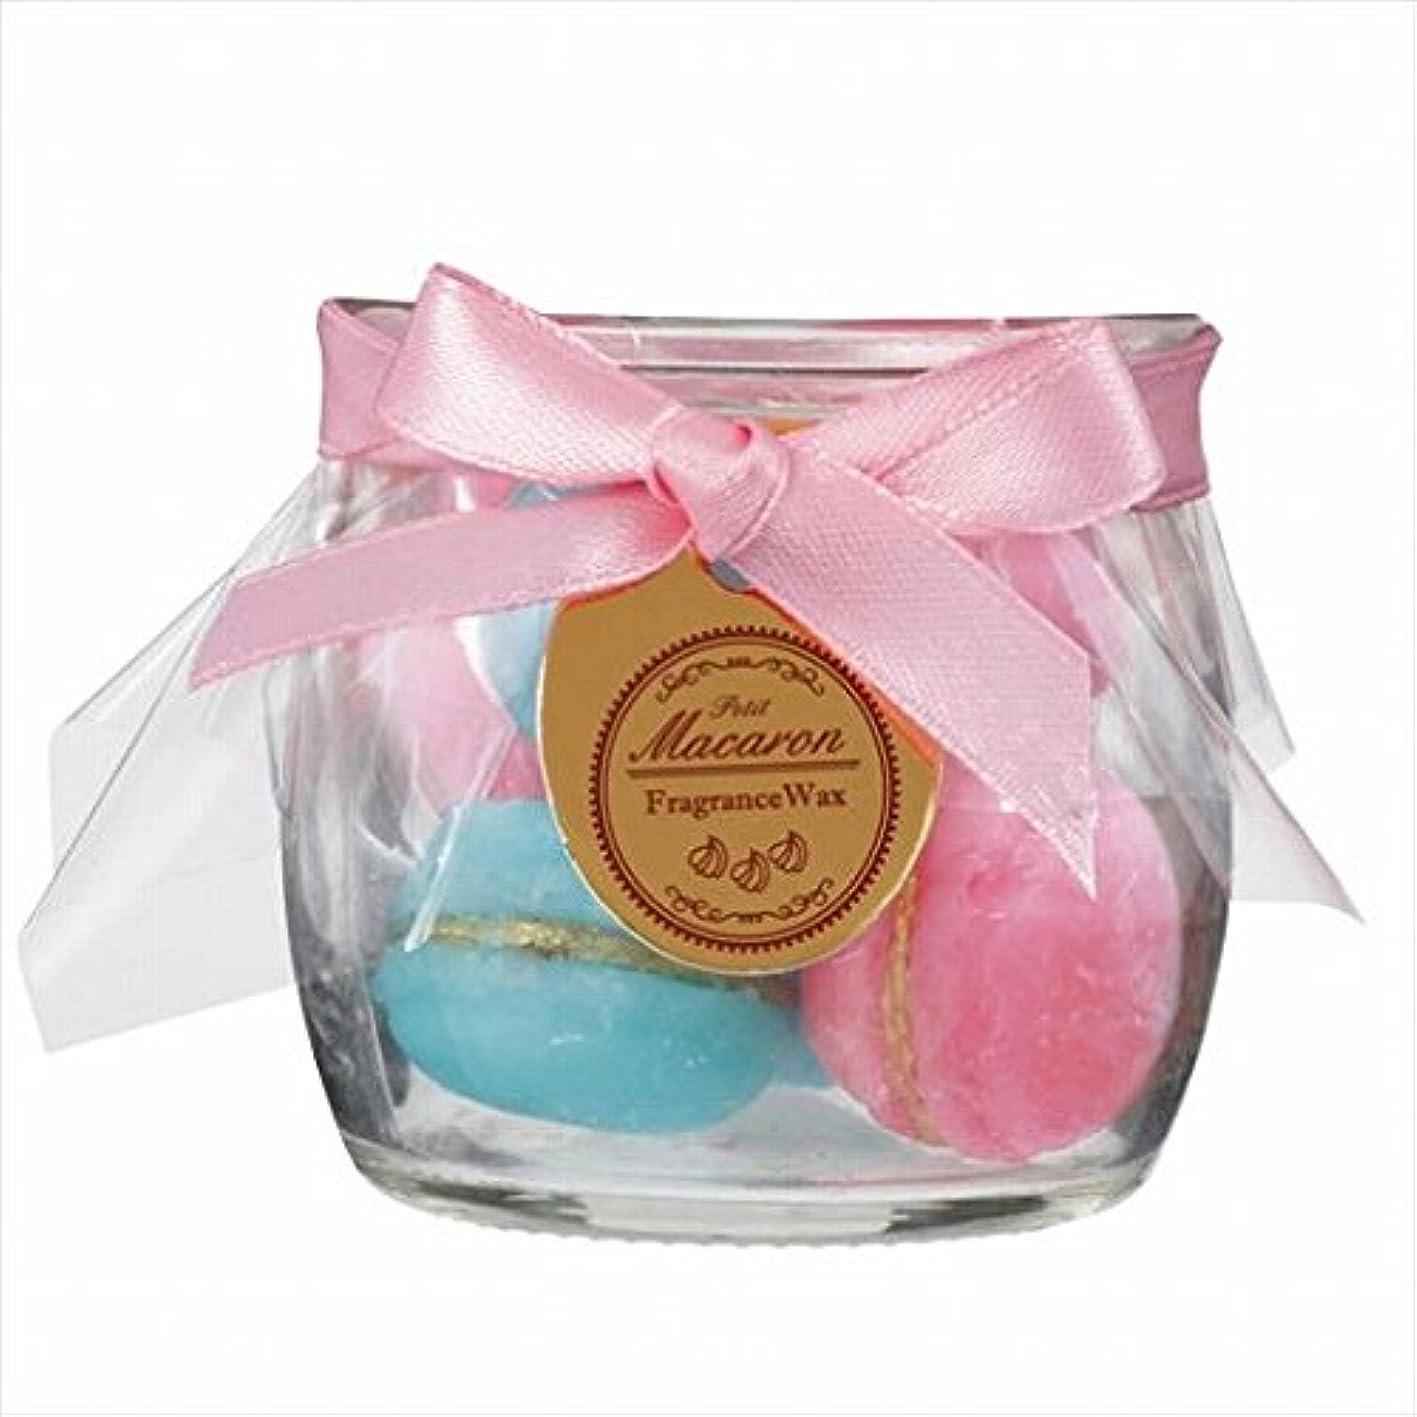 汚染された範囲クランプスイーツキャンドル( sweets candle ) プチマカロンフレグランス 「 ピーチ 」 キャンドル